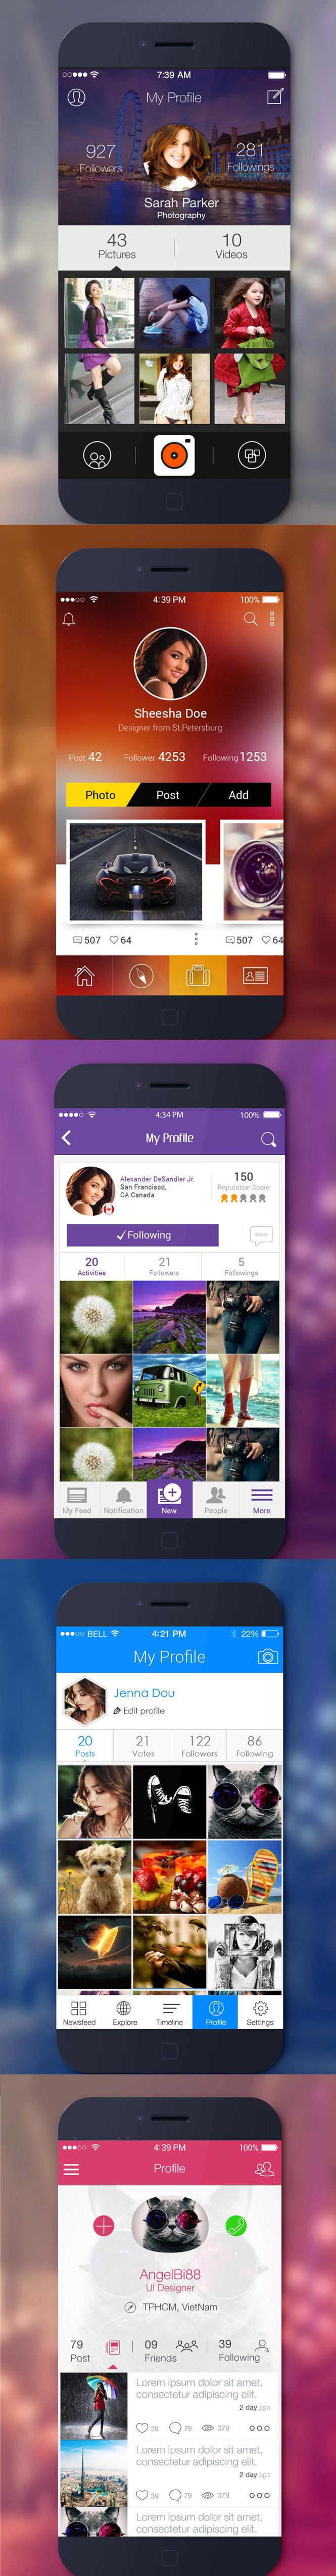 5-App-Profile-UI-PSD